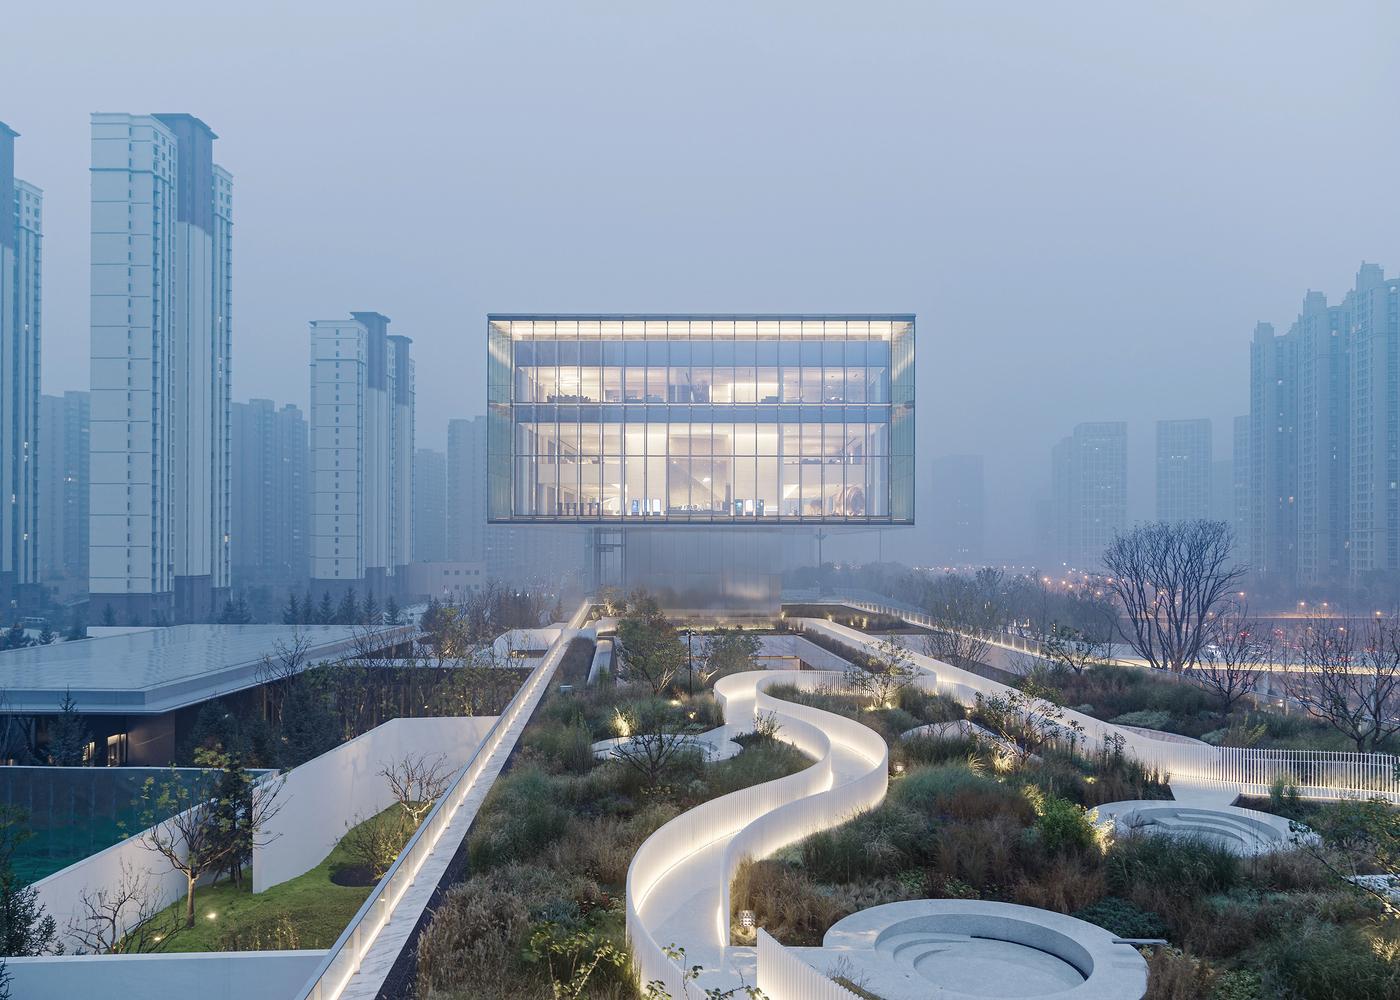 Os melhores projetos de arquitetura de 2020,© Shiromio Studio